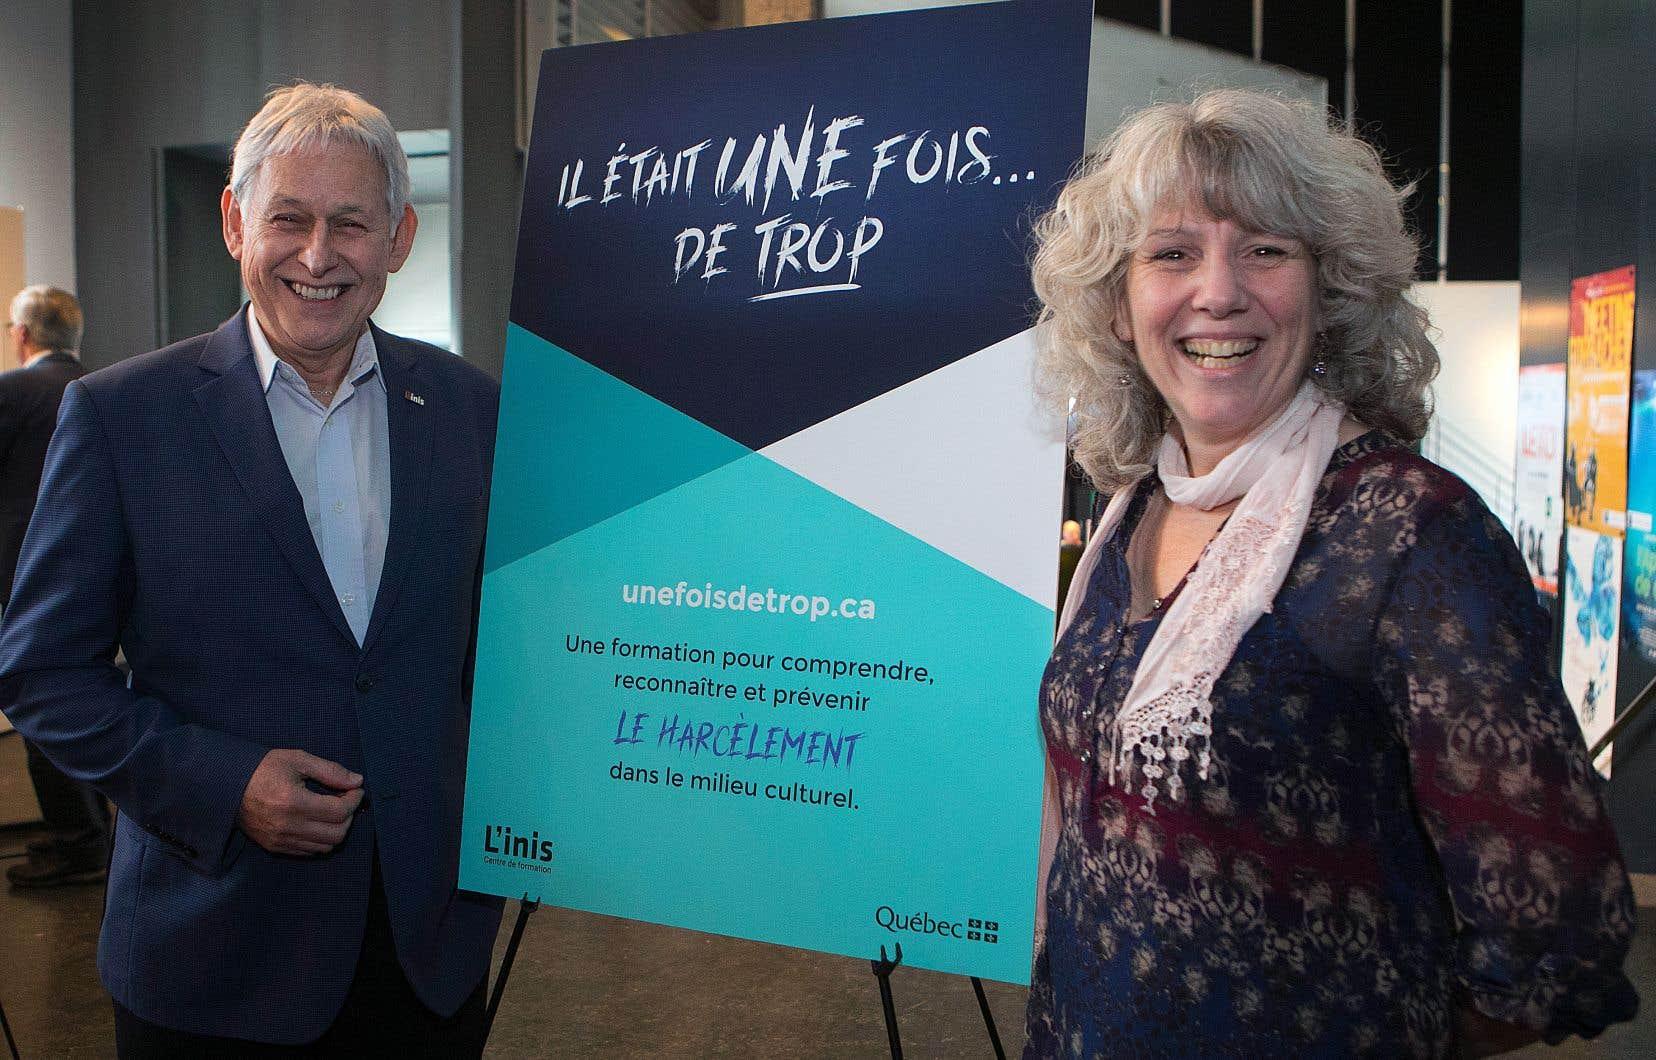 Le directeur général de l'INIS, Michel G. Desjardins, et la responsable du projet «Il était une fois... de trop», Bianca Nolasco, mardi